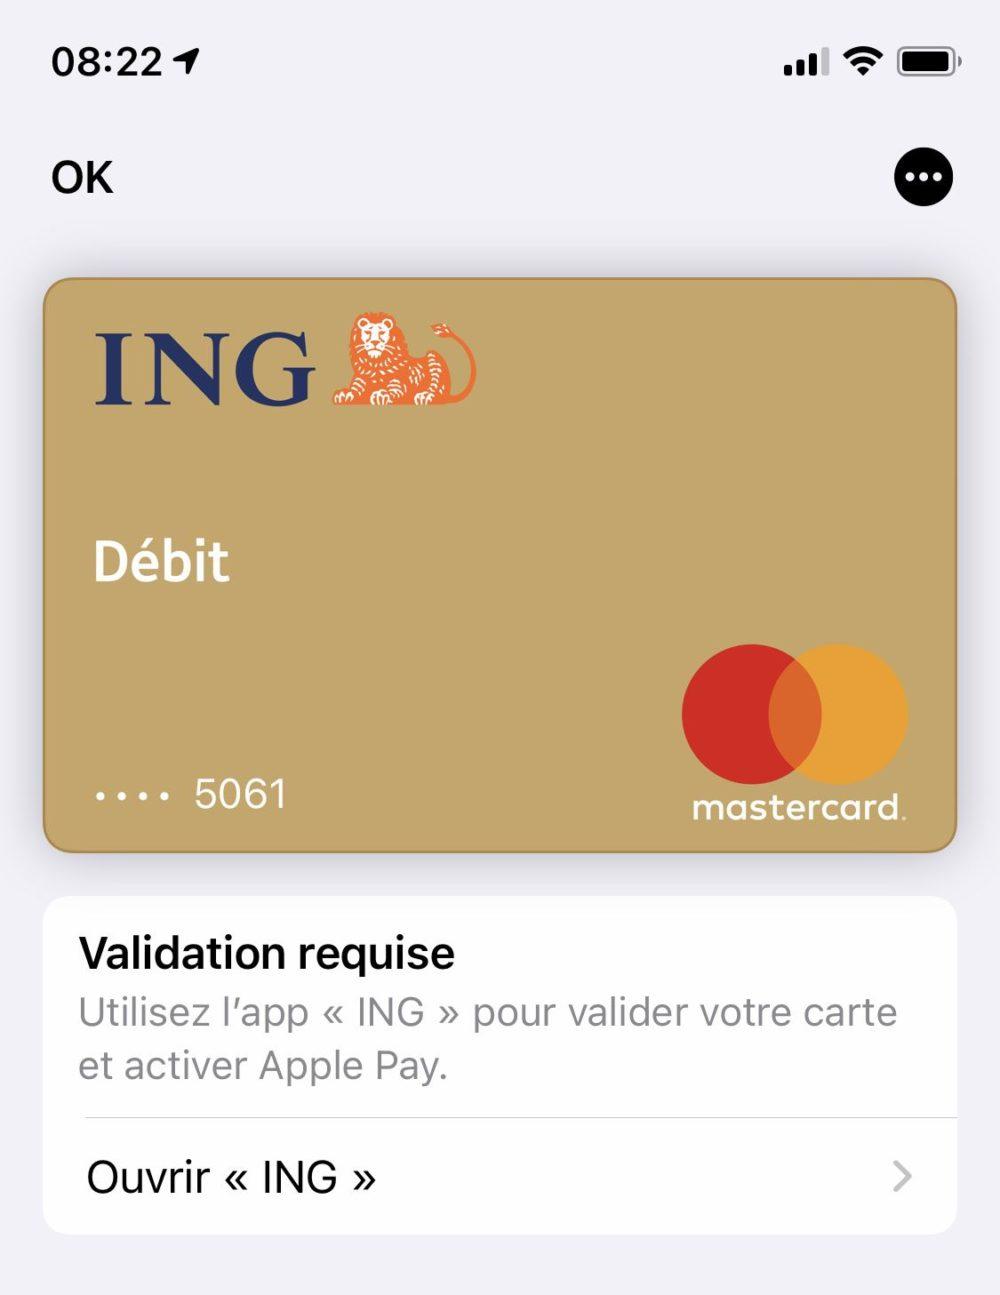 Apple Pay ING Apple Pay, le service de paiement dApple, est enfin disponible chez ING